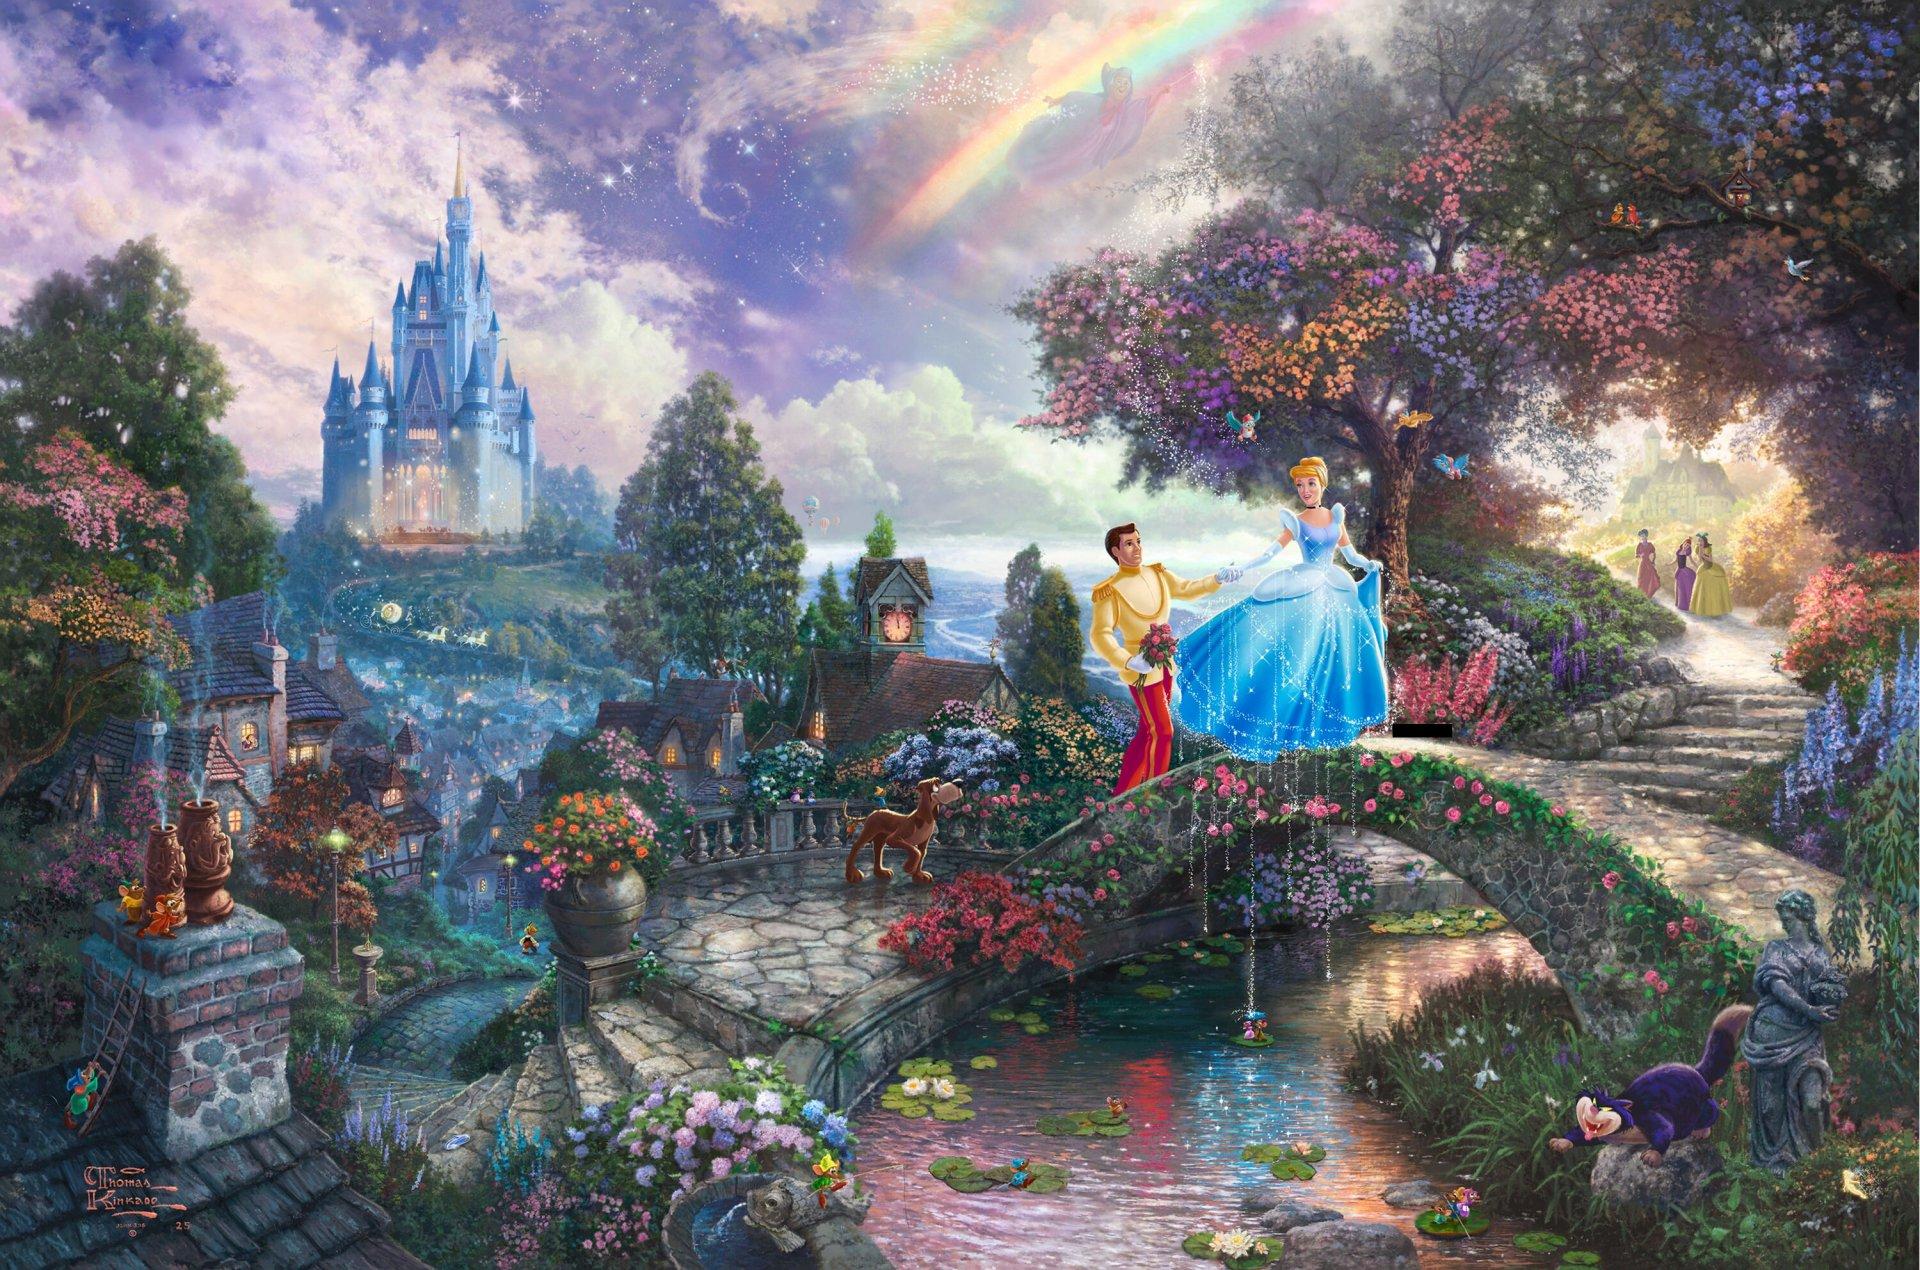 волшебные сказочные картинки на рабочий стол